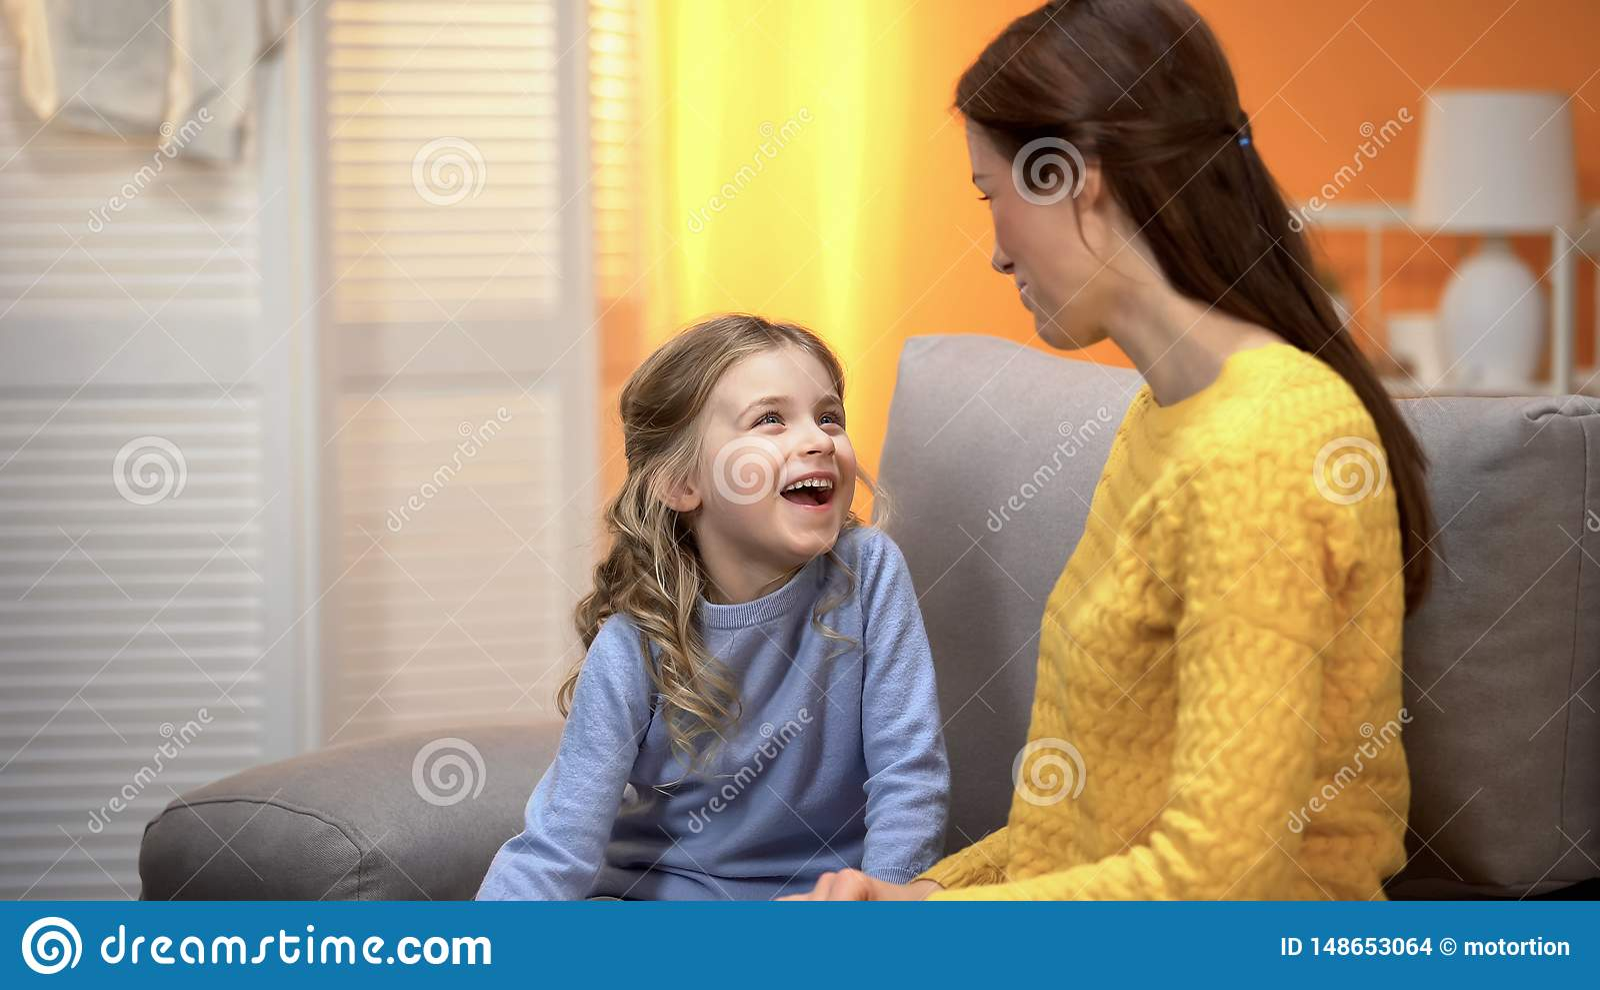 Gelukkige lachende meisjes vertellende glimlachende mama grappige verhalen, vertrouwende relaties